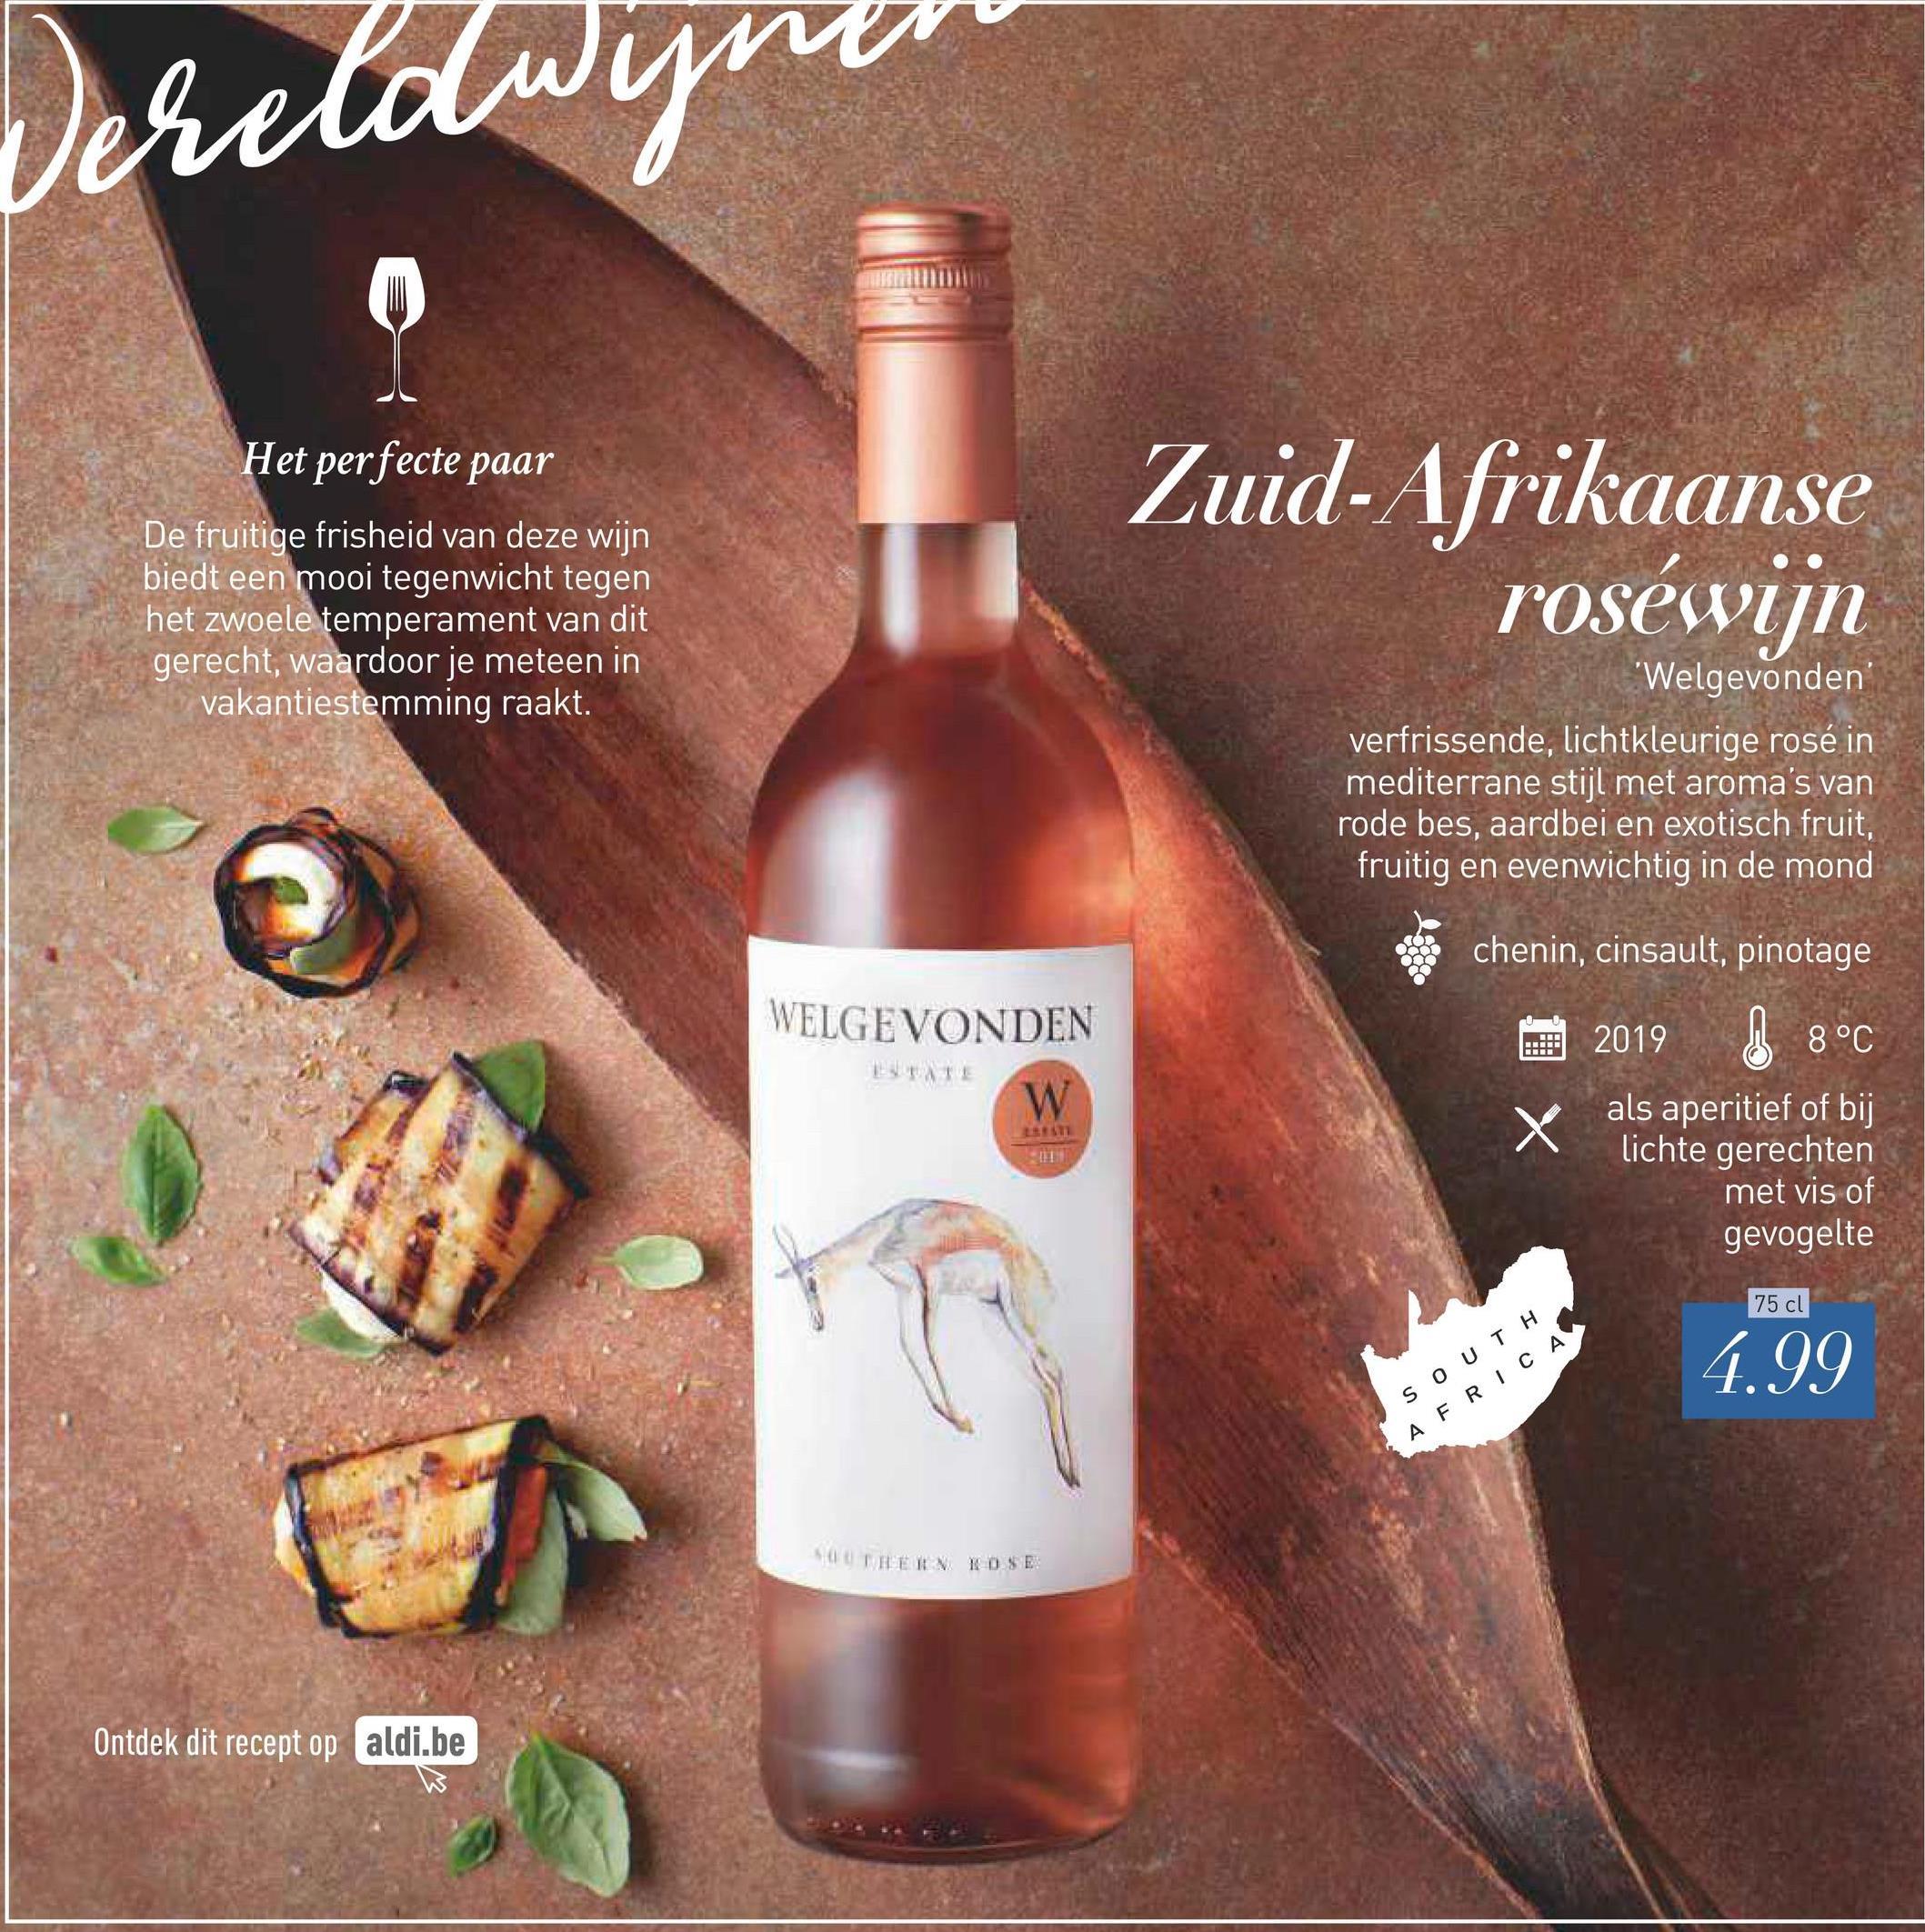 Vereldwynen Het perfecte paar De fruitige frisheid van deze wijn biedt een mooi tegenwicht tegen het zwoele temperament van dit gerecht, waardoor je meteen in vakantiestemming raakt. Zuid-Afrikaanse roséwijn 'Welgevonden verfrissende, lichtkleurige rosé in mediterrane stijl met aroma's van rode bes, aardbei en exotisch fruit, fruitig en evenwichtig in de mond WELGEVONDEN chenin, cinsault, pinotage 2019 8°C als aperitief of bij lichte gerechten met vis of gevogelte 75 cl 4.99 SOUTH AFRICA STEIN KD SE! Ontdek dit recept op aldi.be